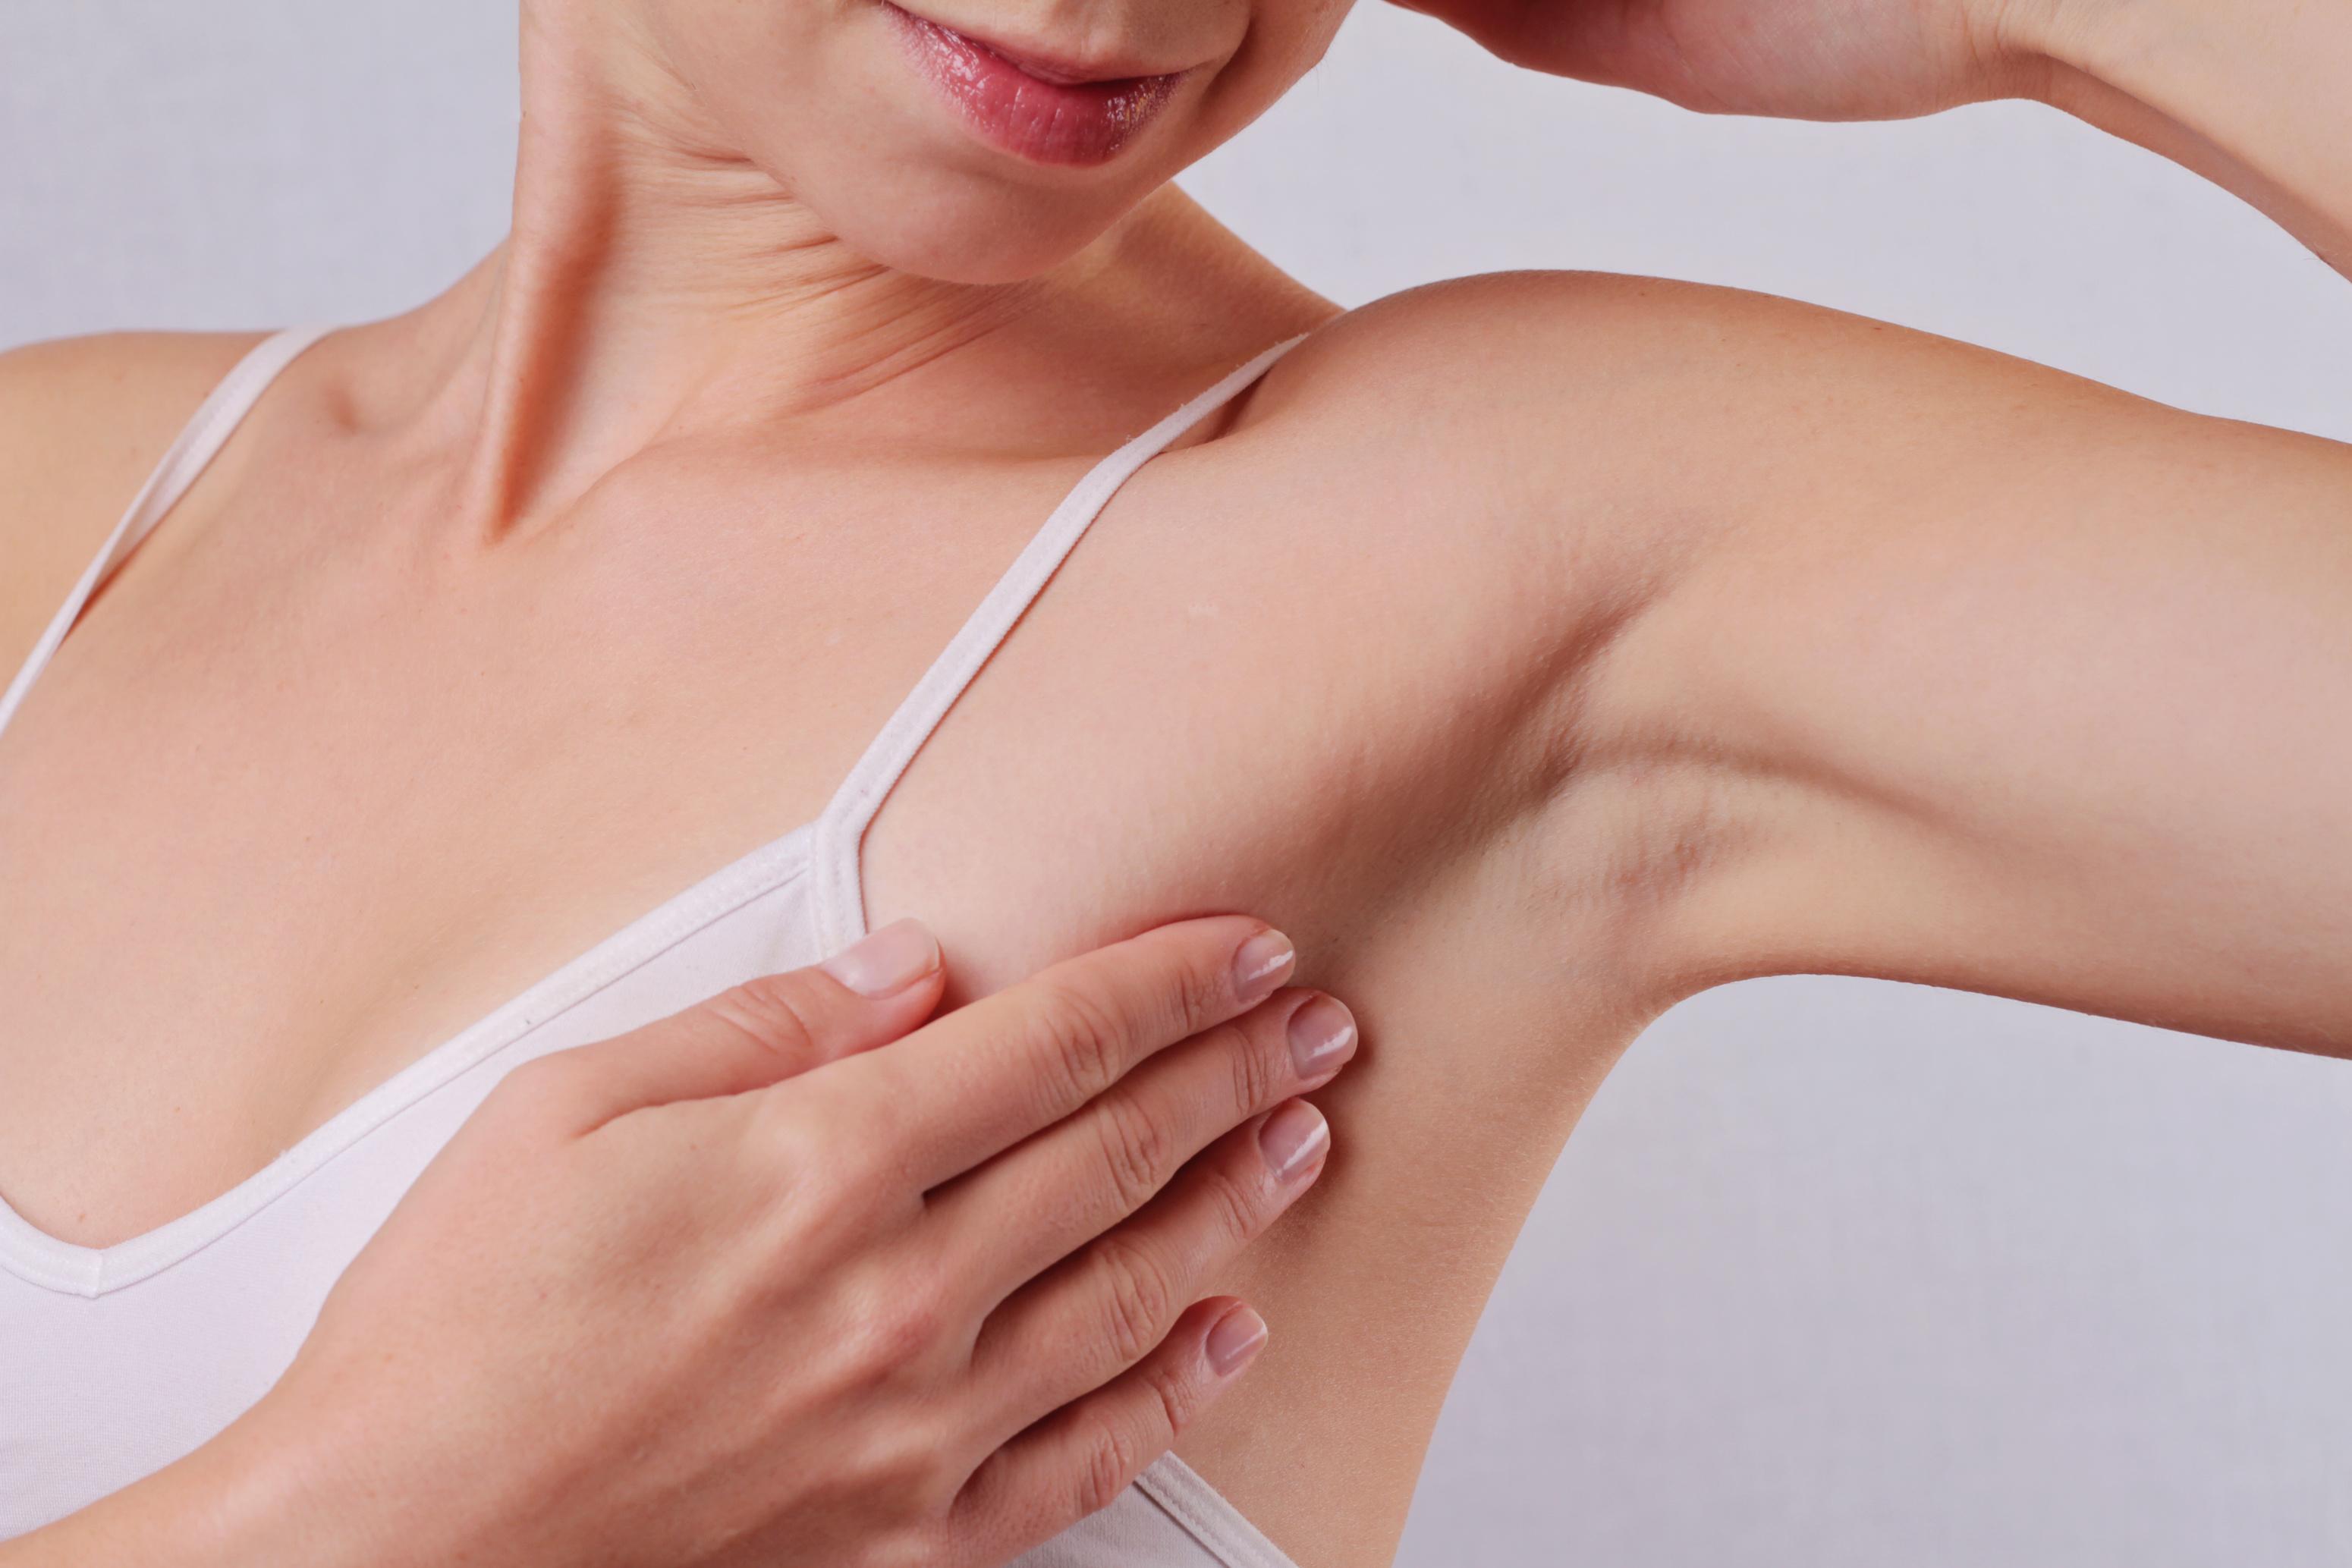 Reduziert Fett in der Nähe der Brust